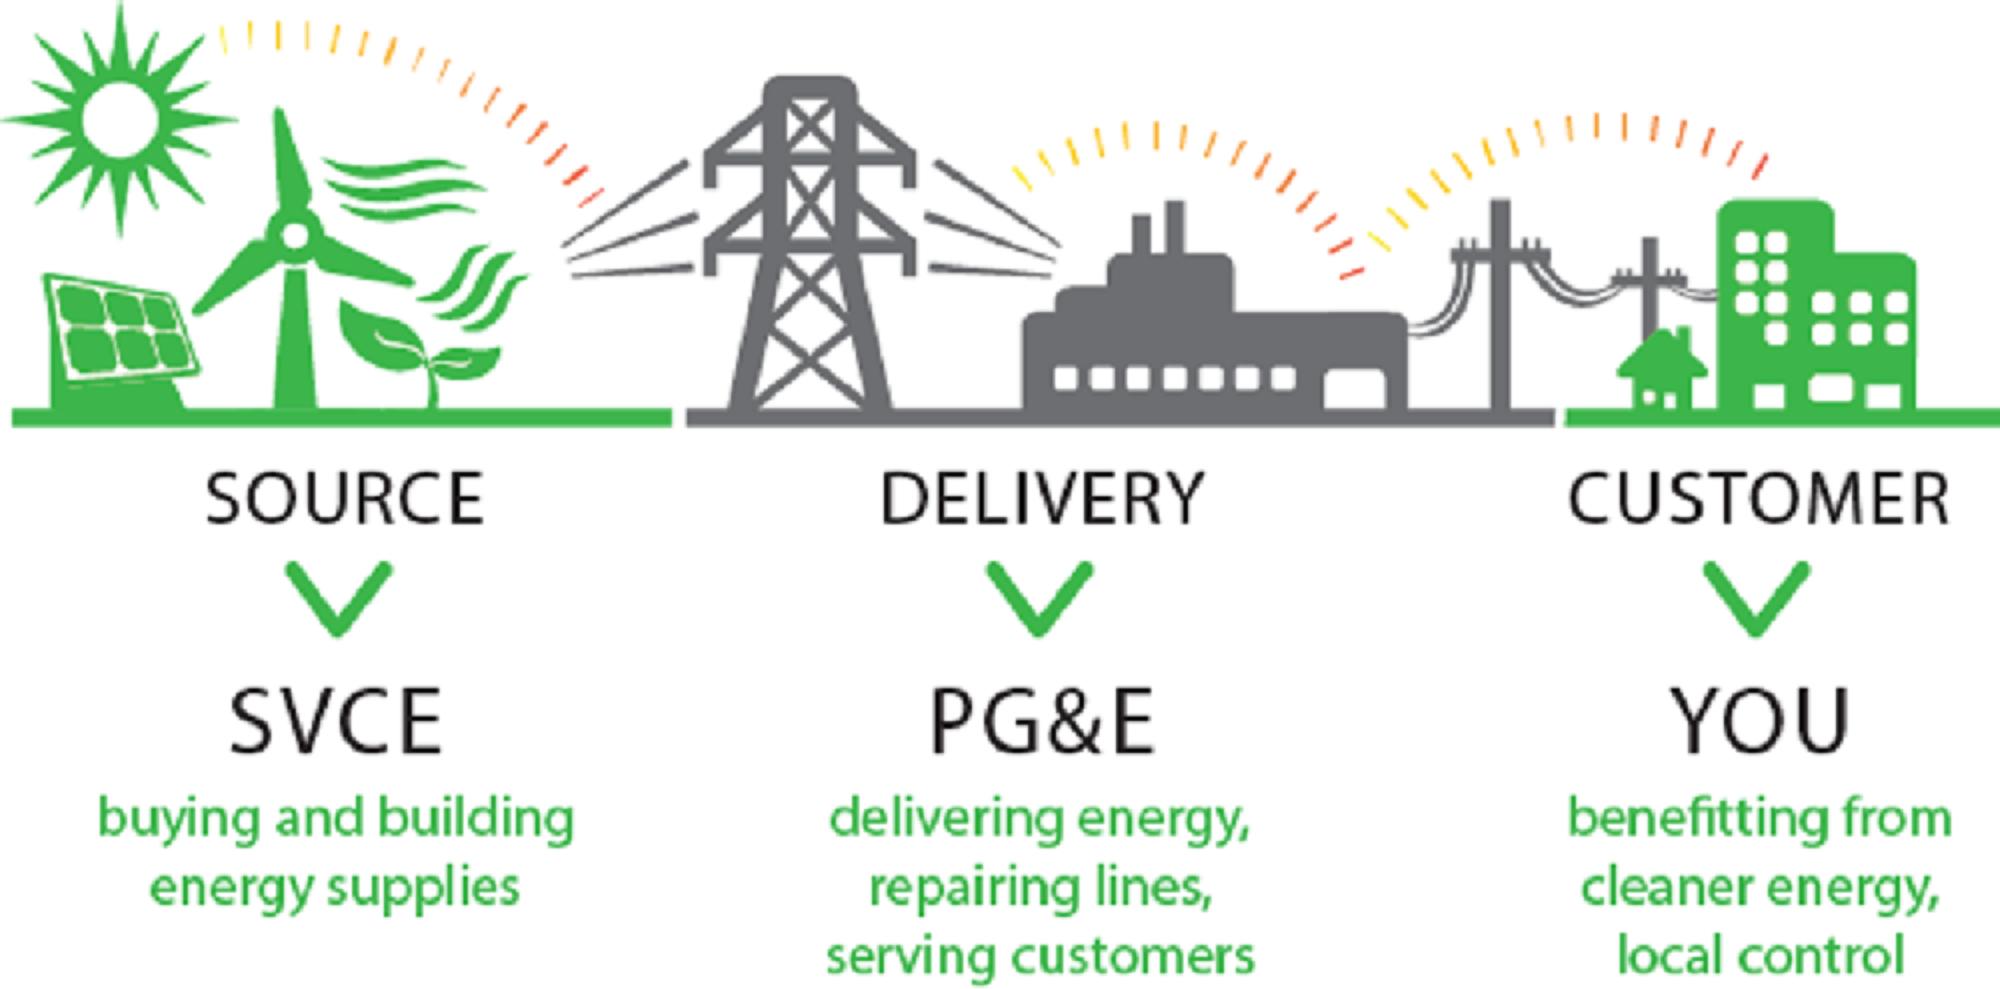 Community Choice Energy (image courtesy: SVCE)